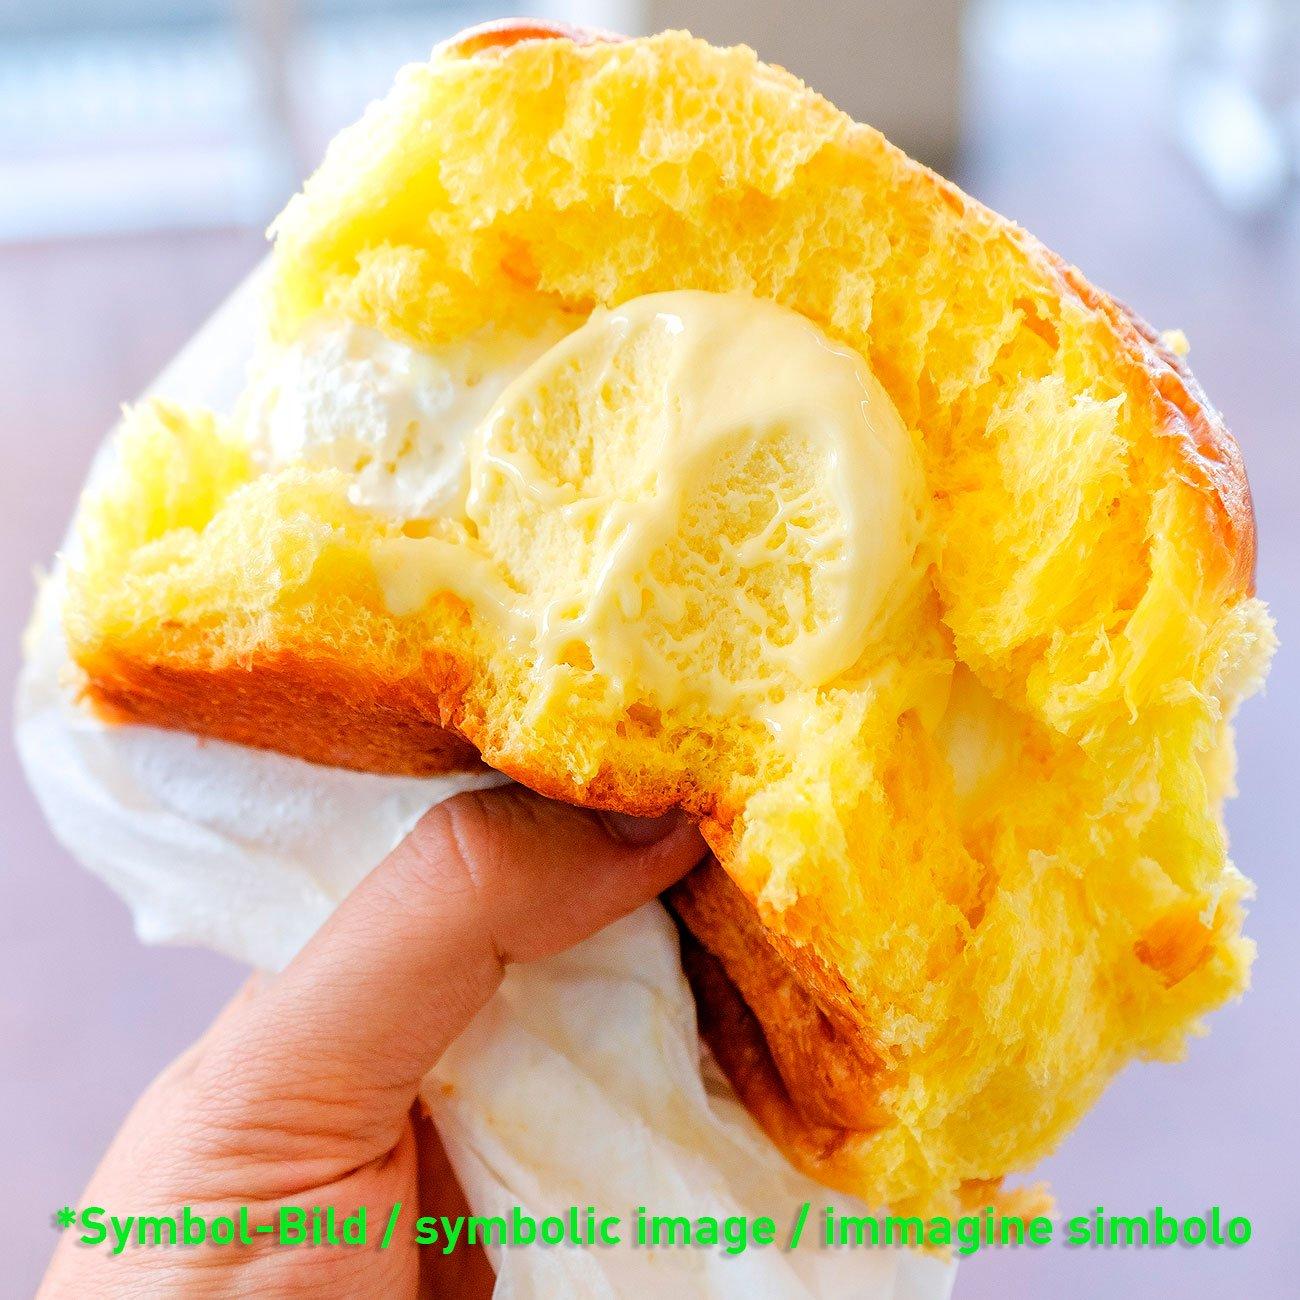 Crema Pasticcera - Dose 2,50 kg - Eispasten Milcheispaste Spezialitäten Eispasten